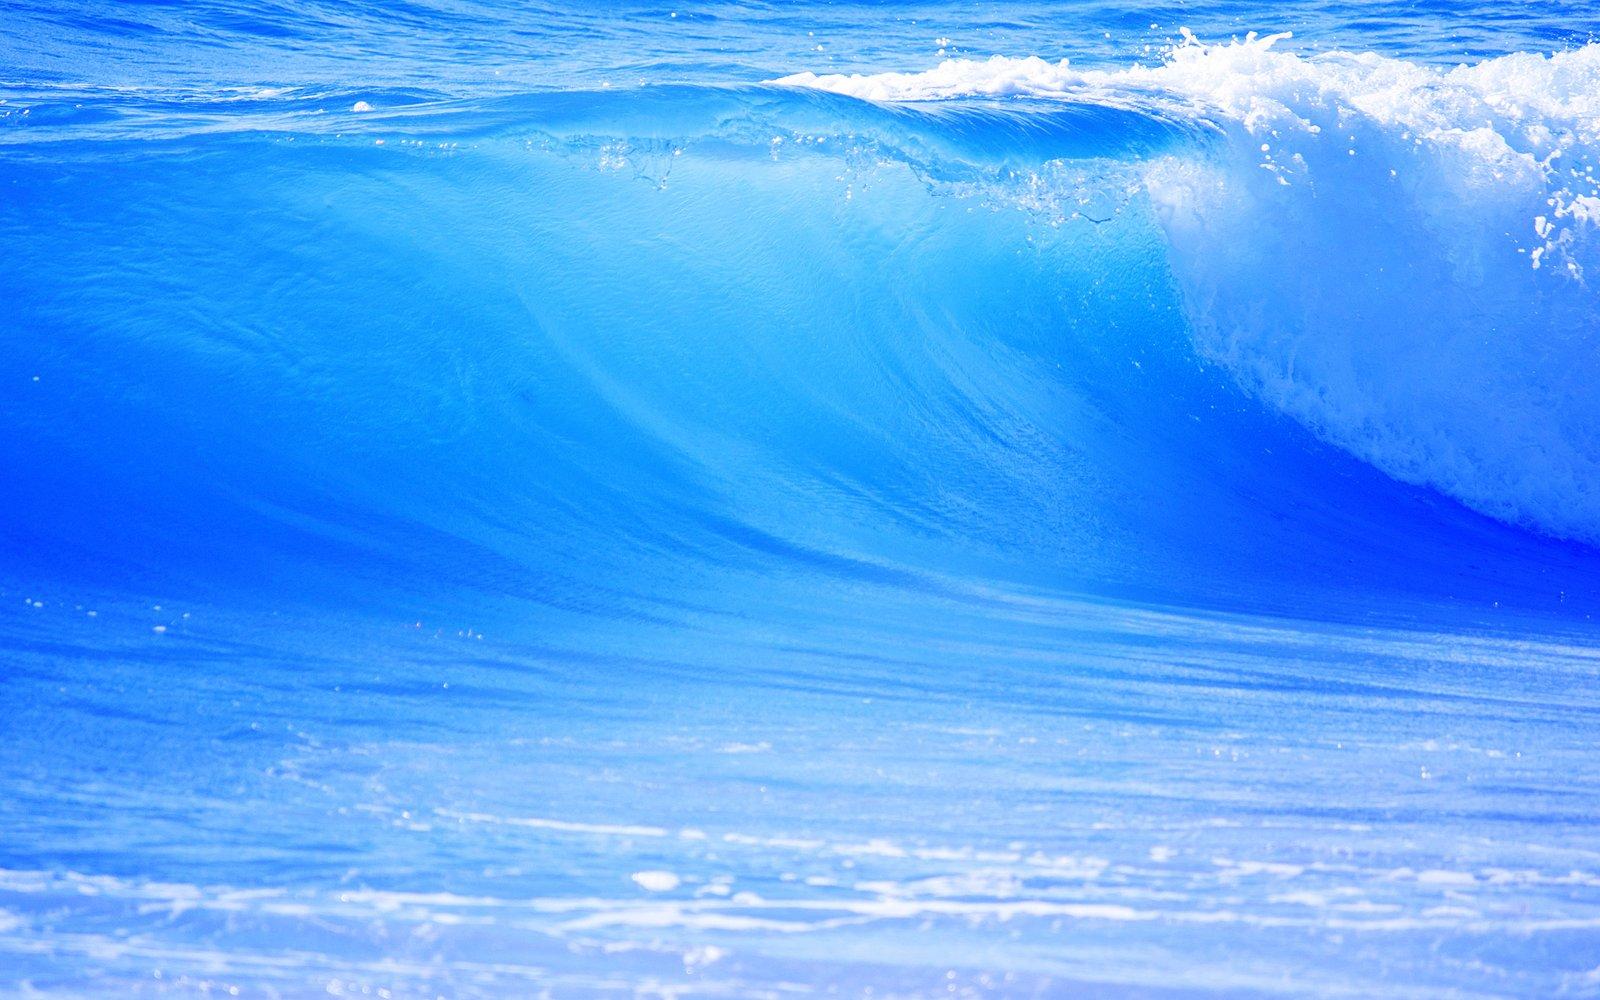 hình ảnh sóng biển